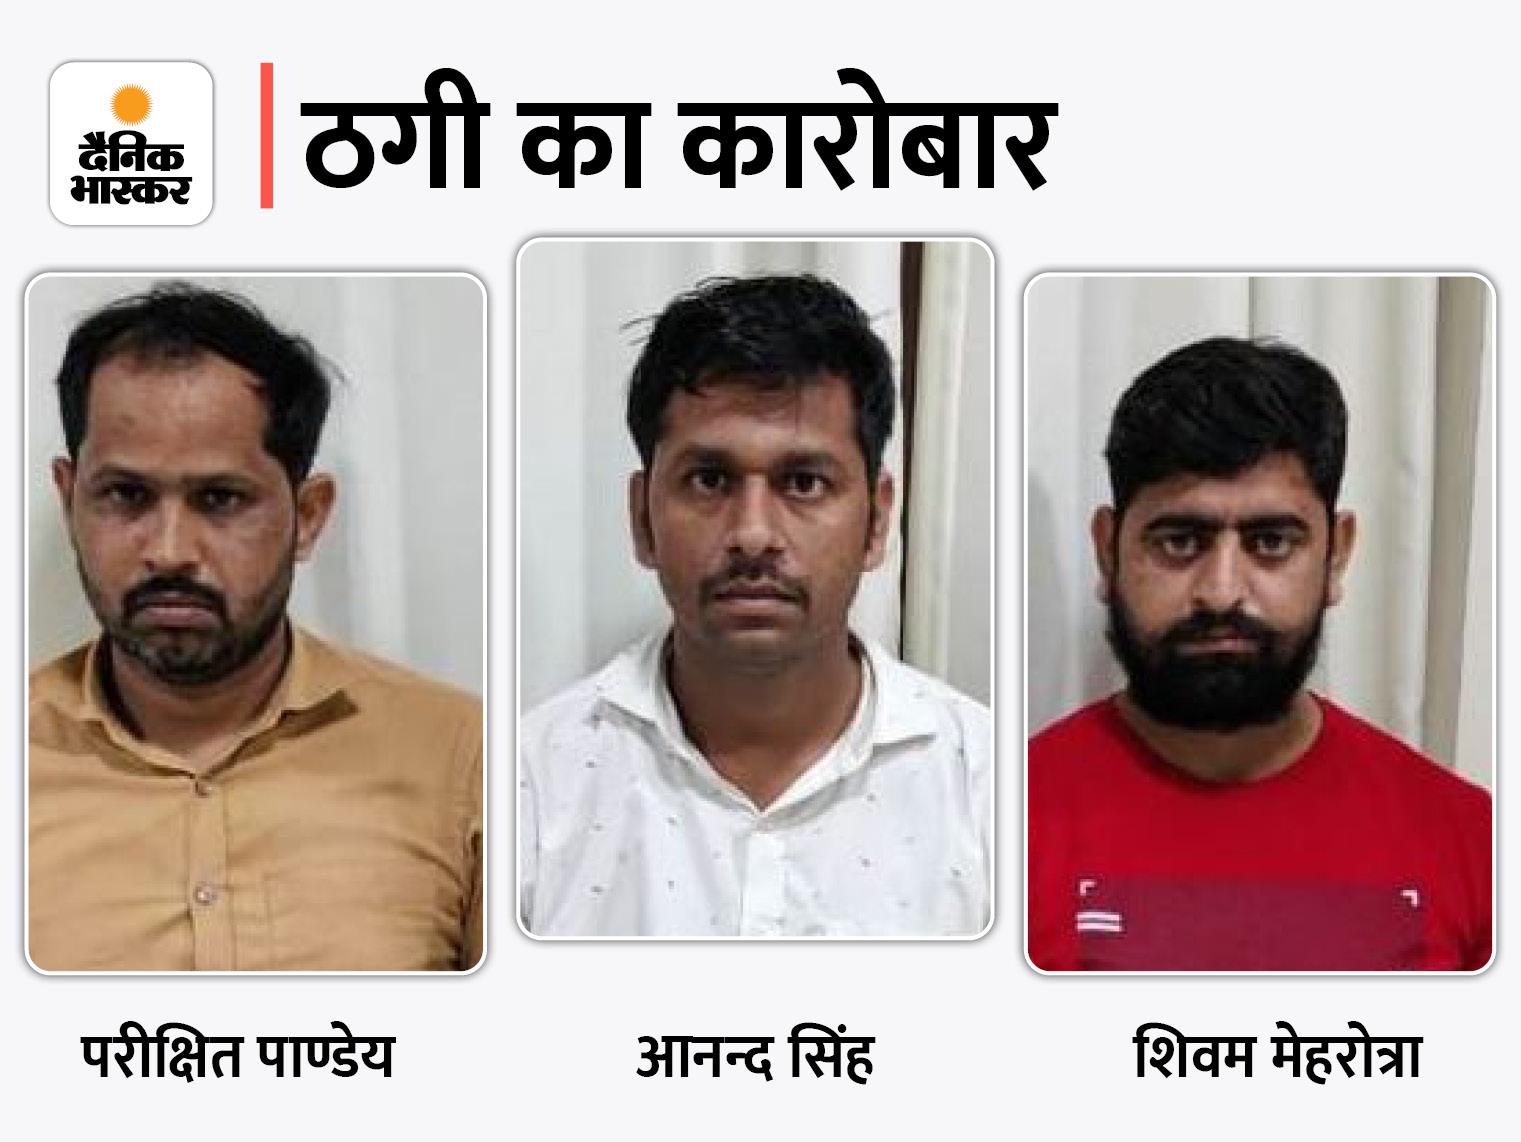 फर्जी नियुक्ति पत्र से वन विभाग में नौकरी का देते थे झांसा, लखनऊ में STF ने 3 को दबोचा; 3 साल में 1 करोड़ ठगे|लखनऊ,Lucknow - Dainik Bhaskar